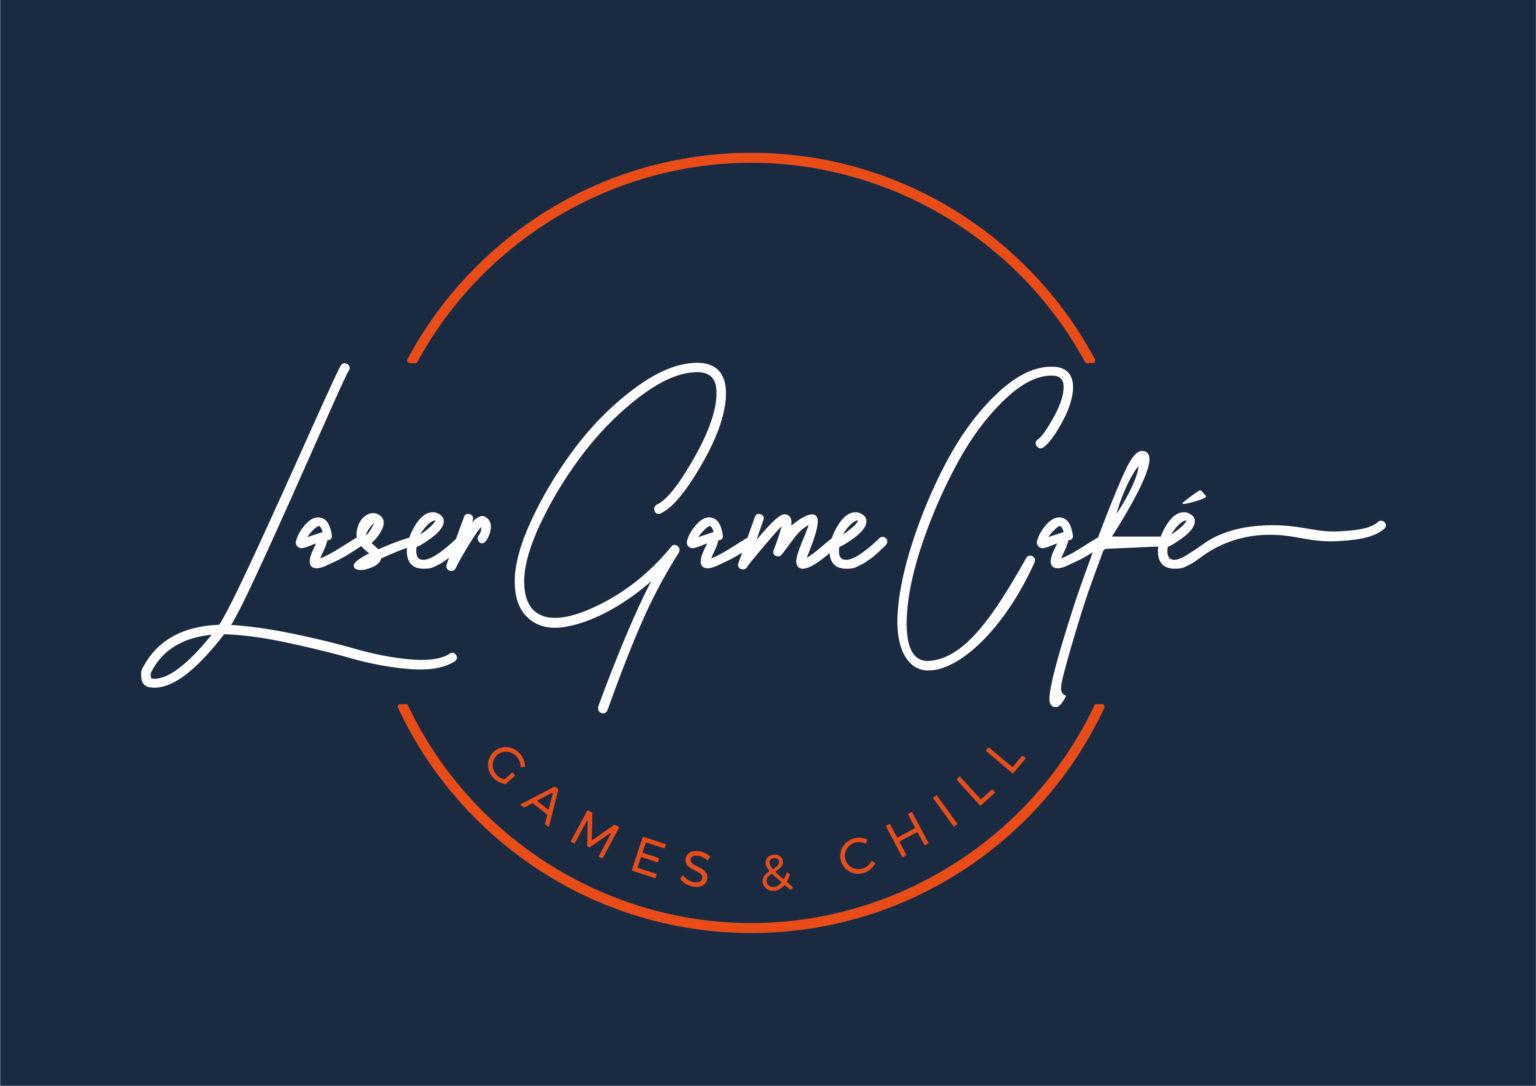 Laser Game Café